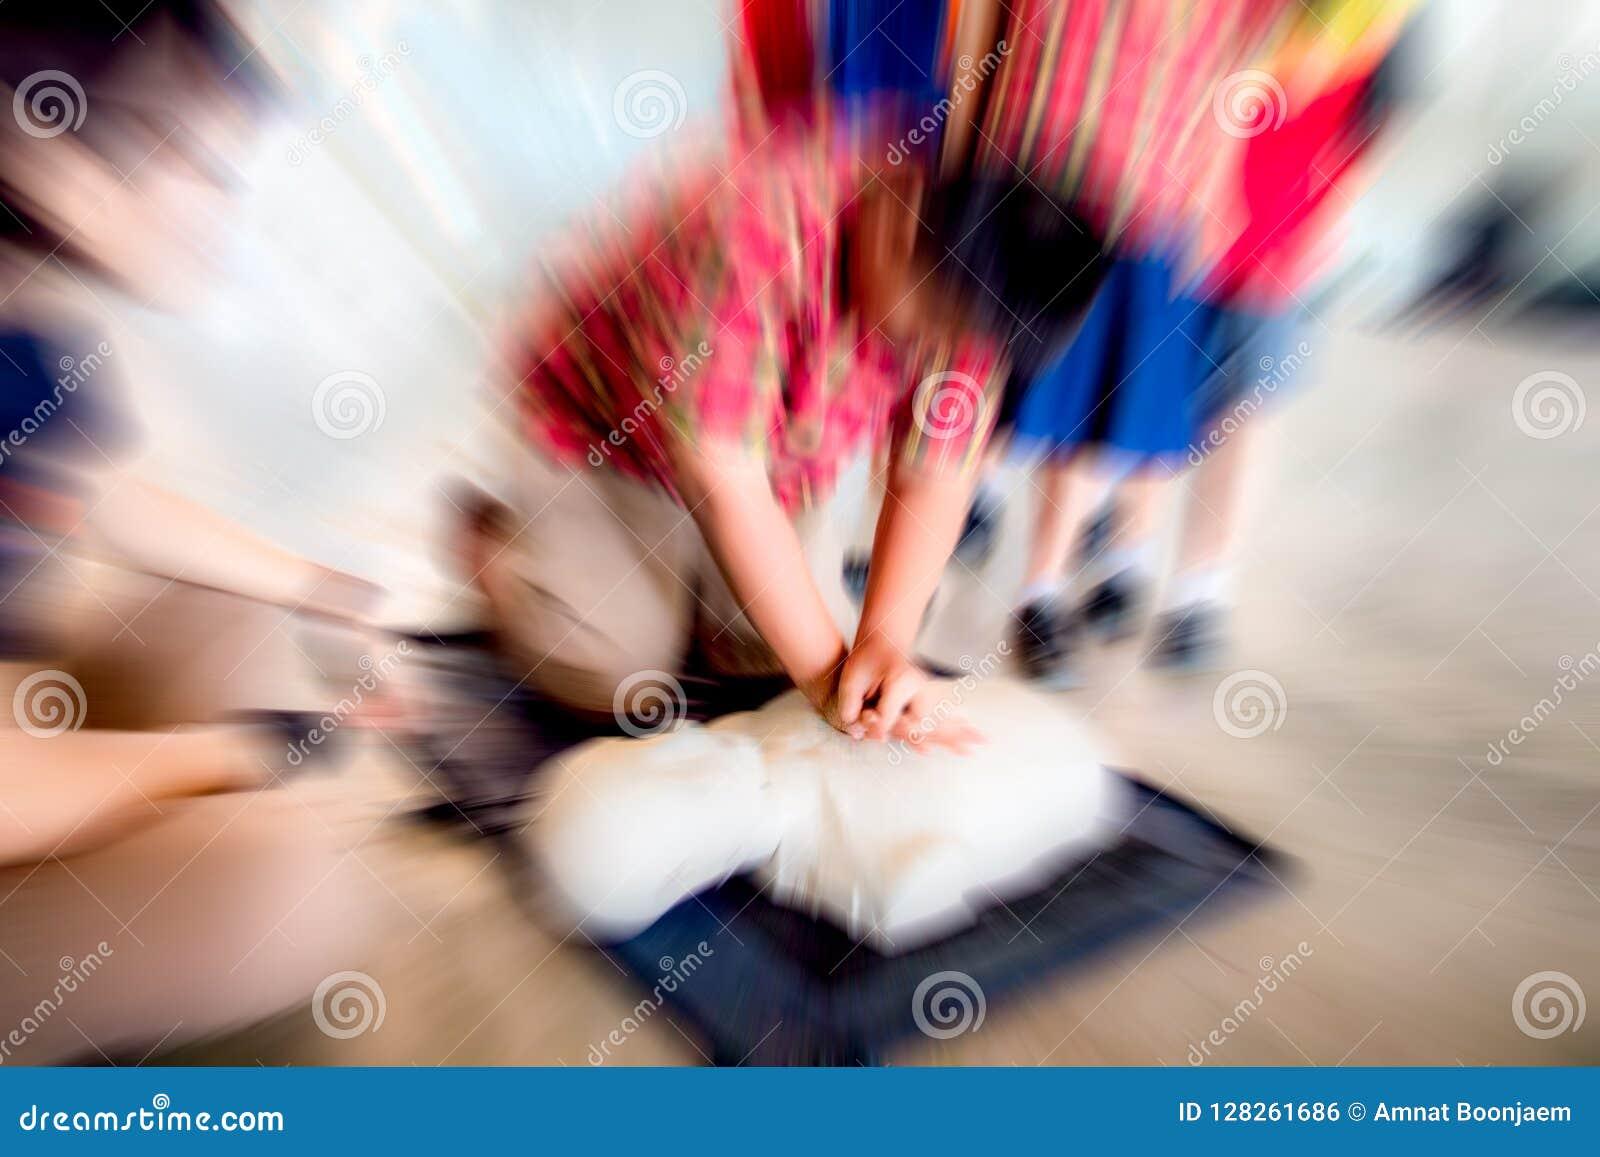 Istruzione del CPR del soccorritore di addestramento di emergenza, addestramento per la vita sicura